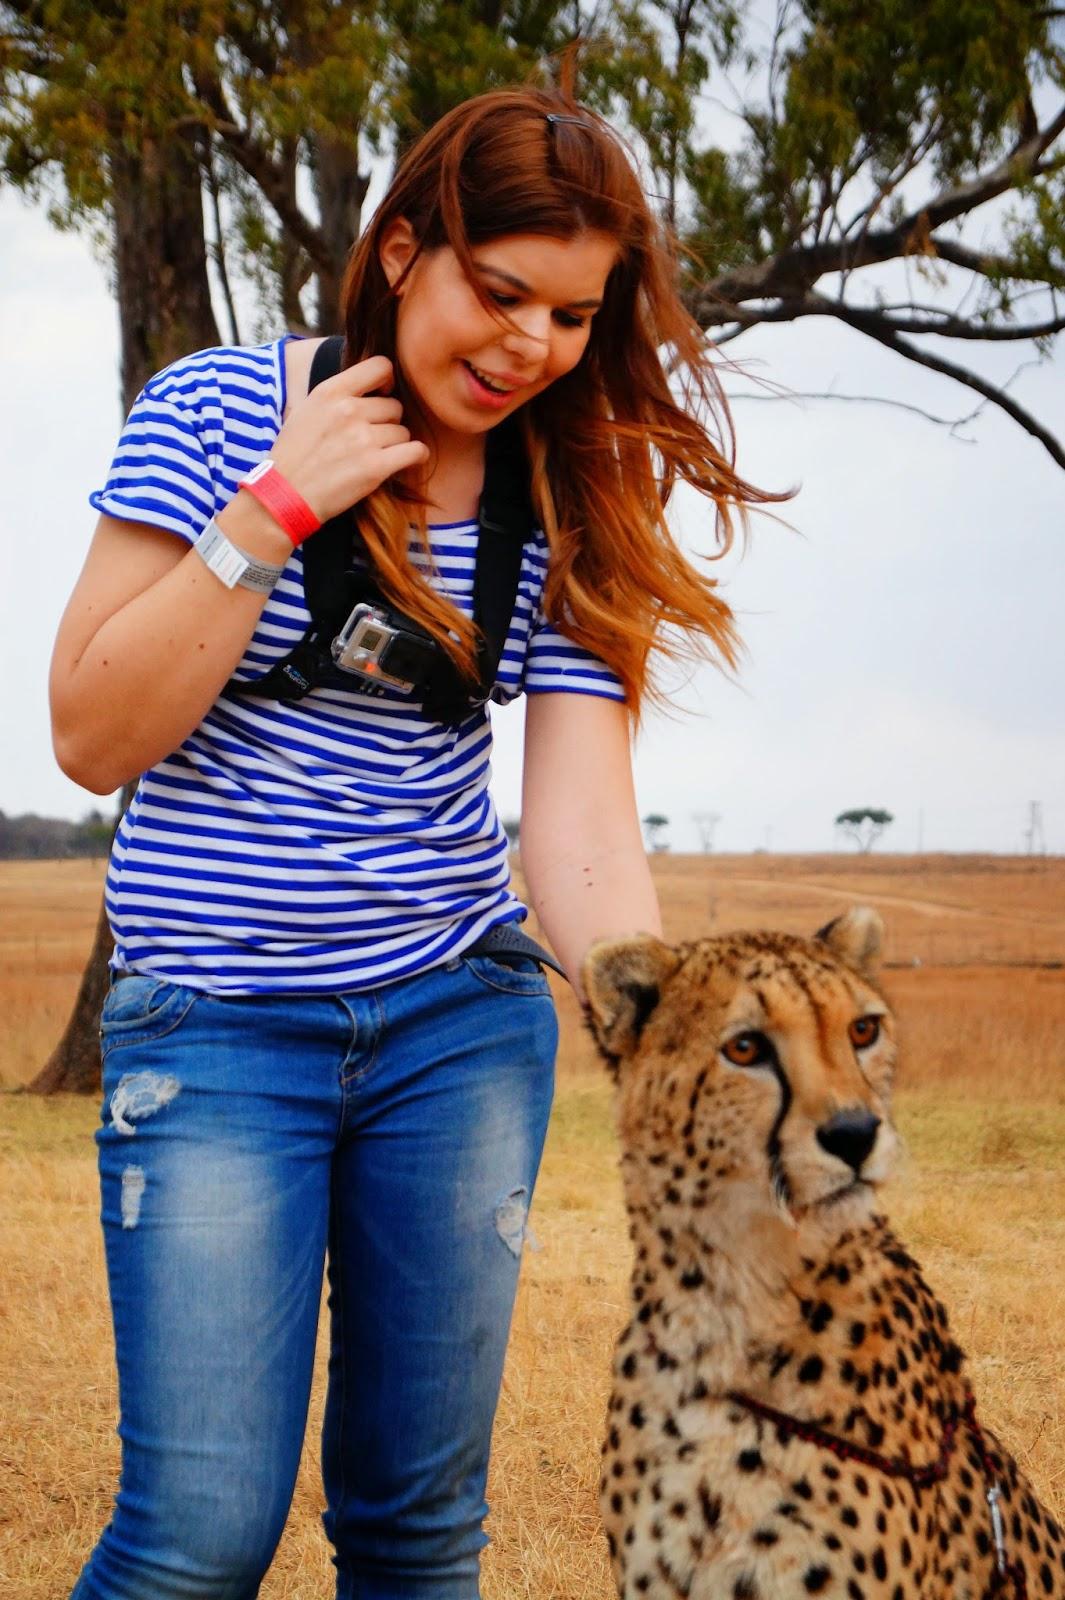 The Cheetah Walk